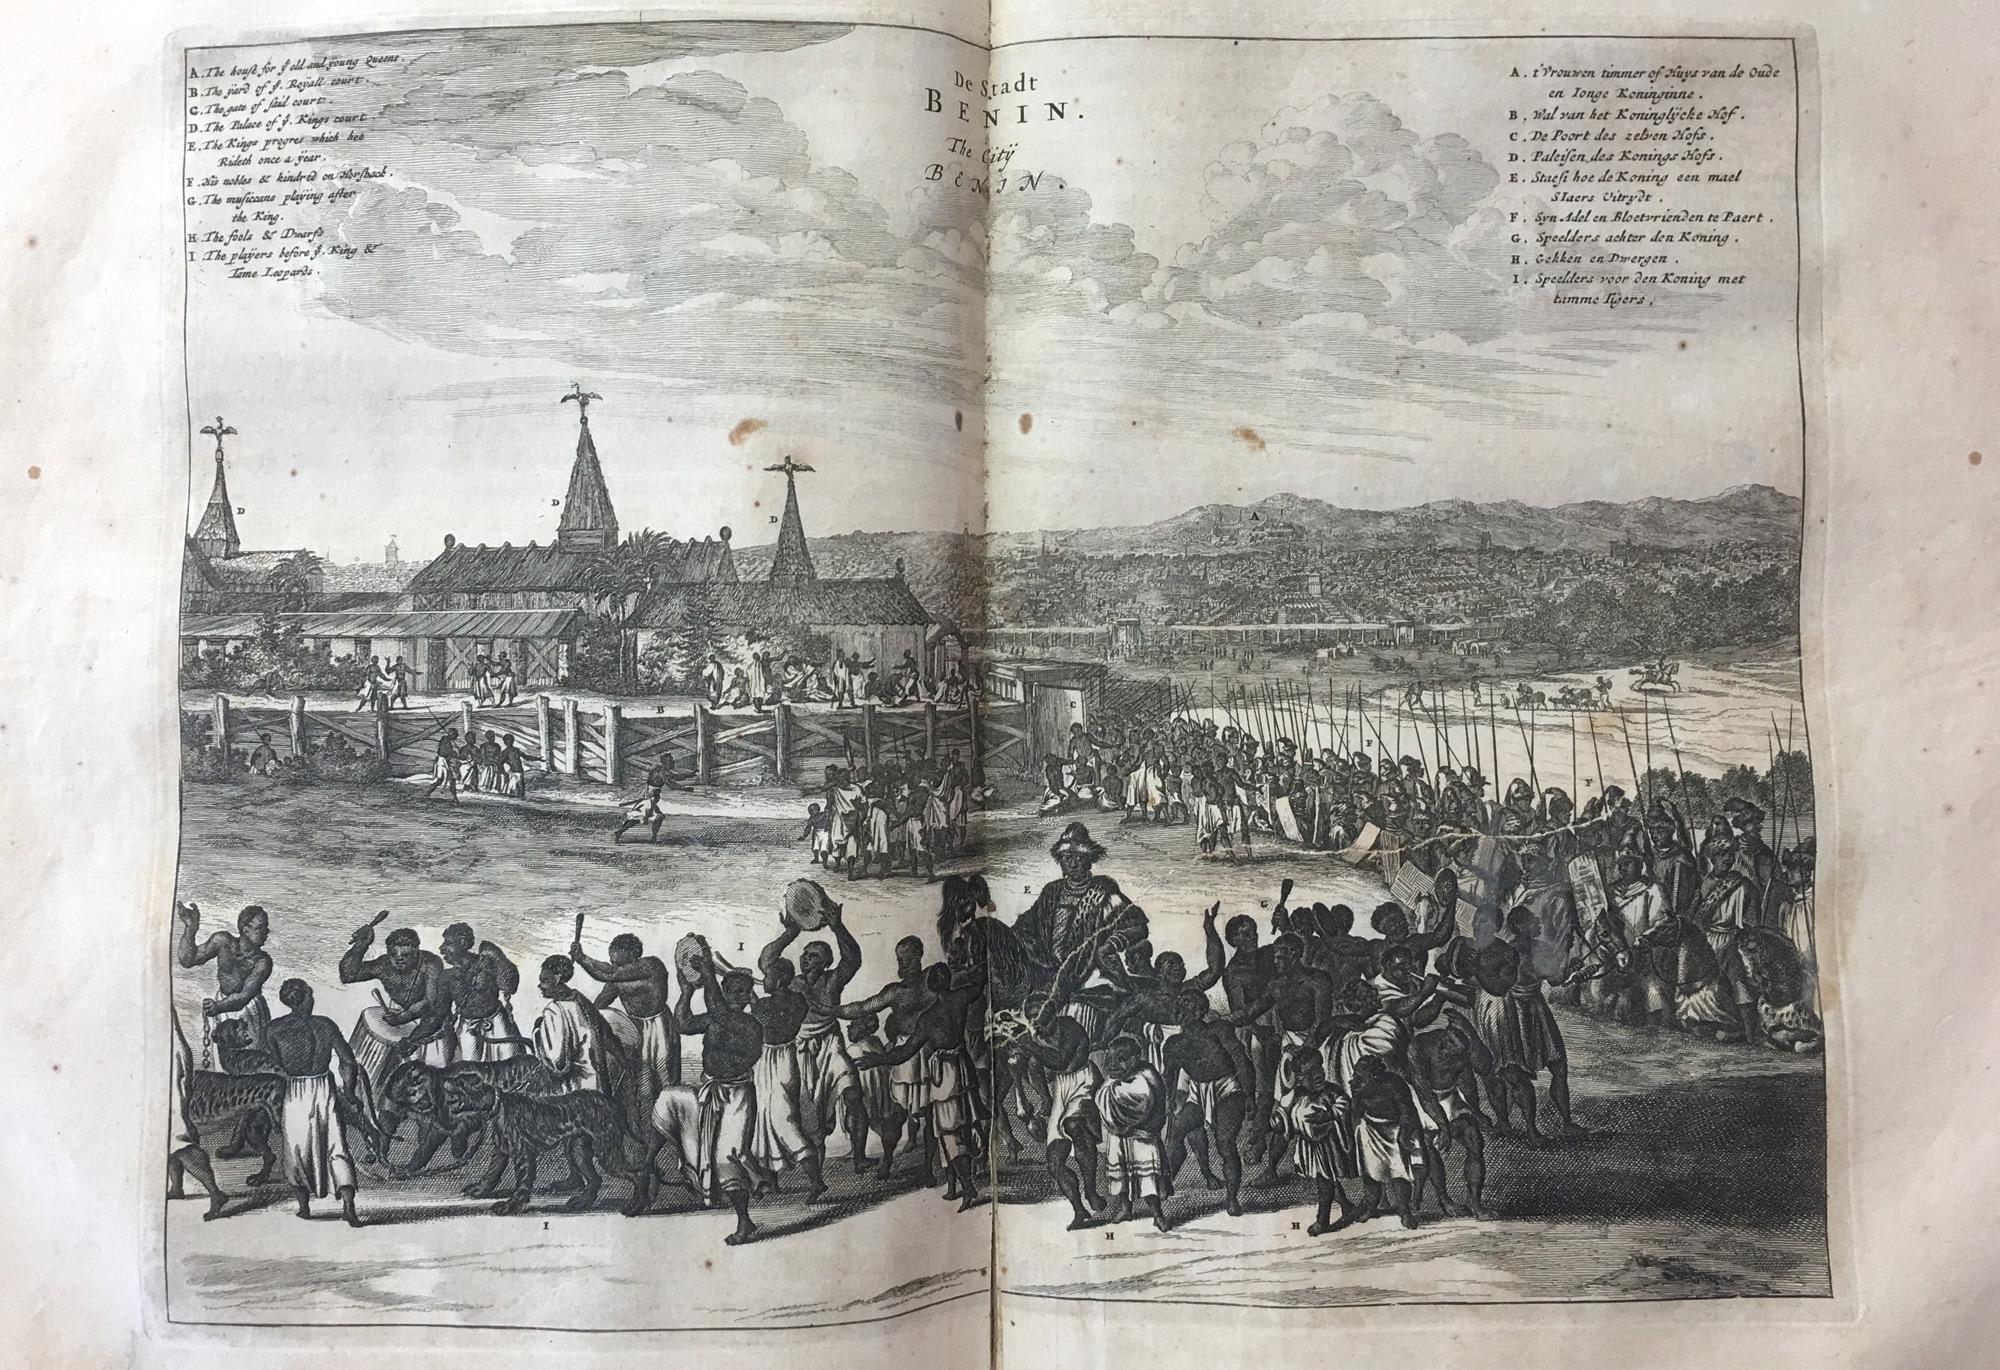 The town of Benin. Illustration from Olfert Dapper, 1670. © Orisha Image